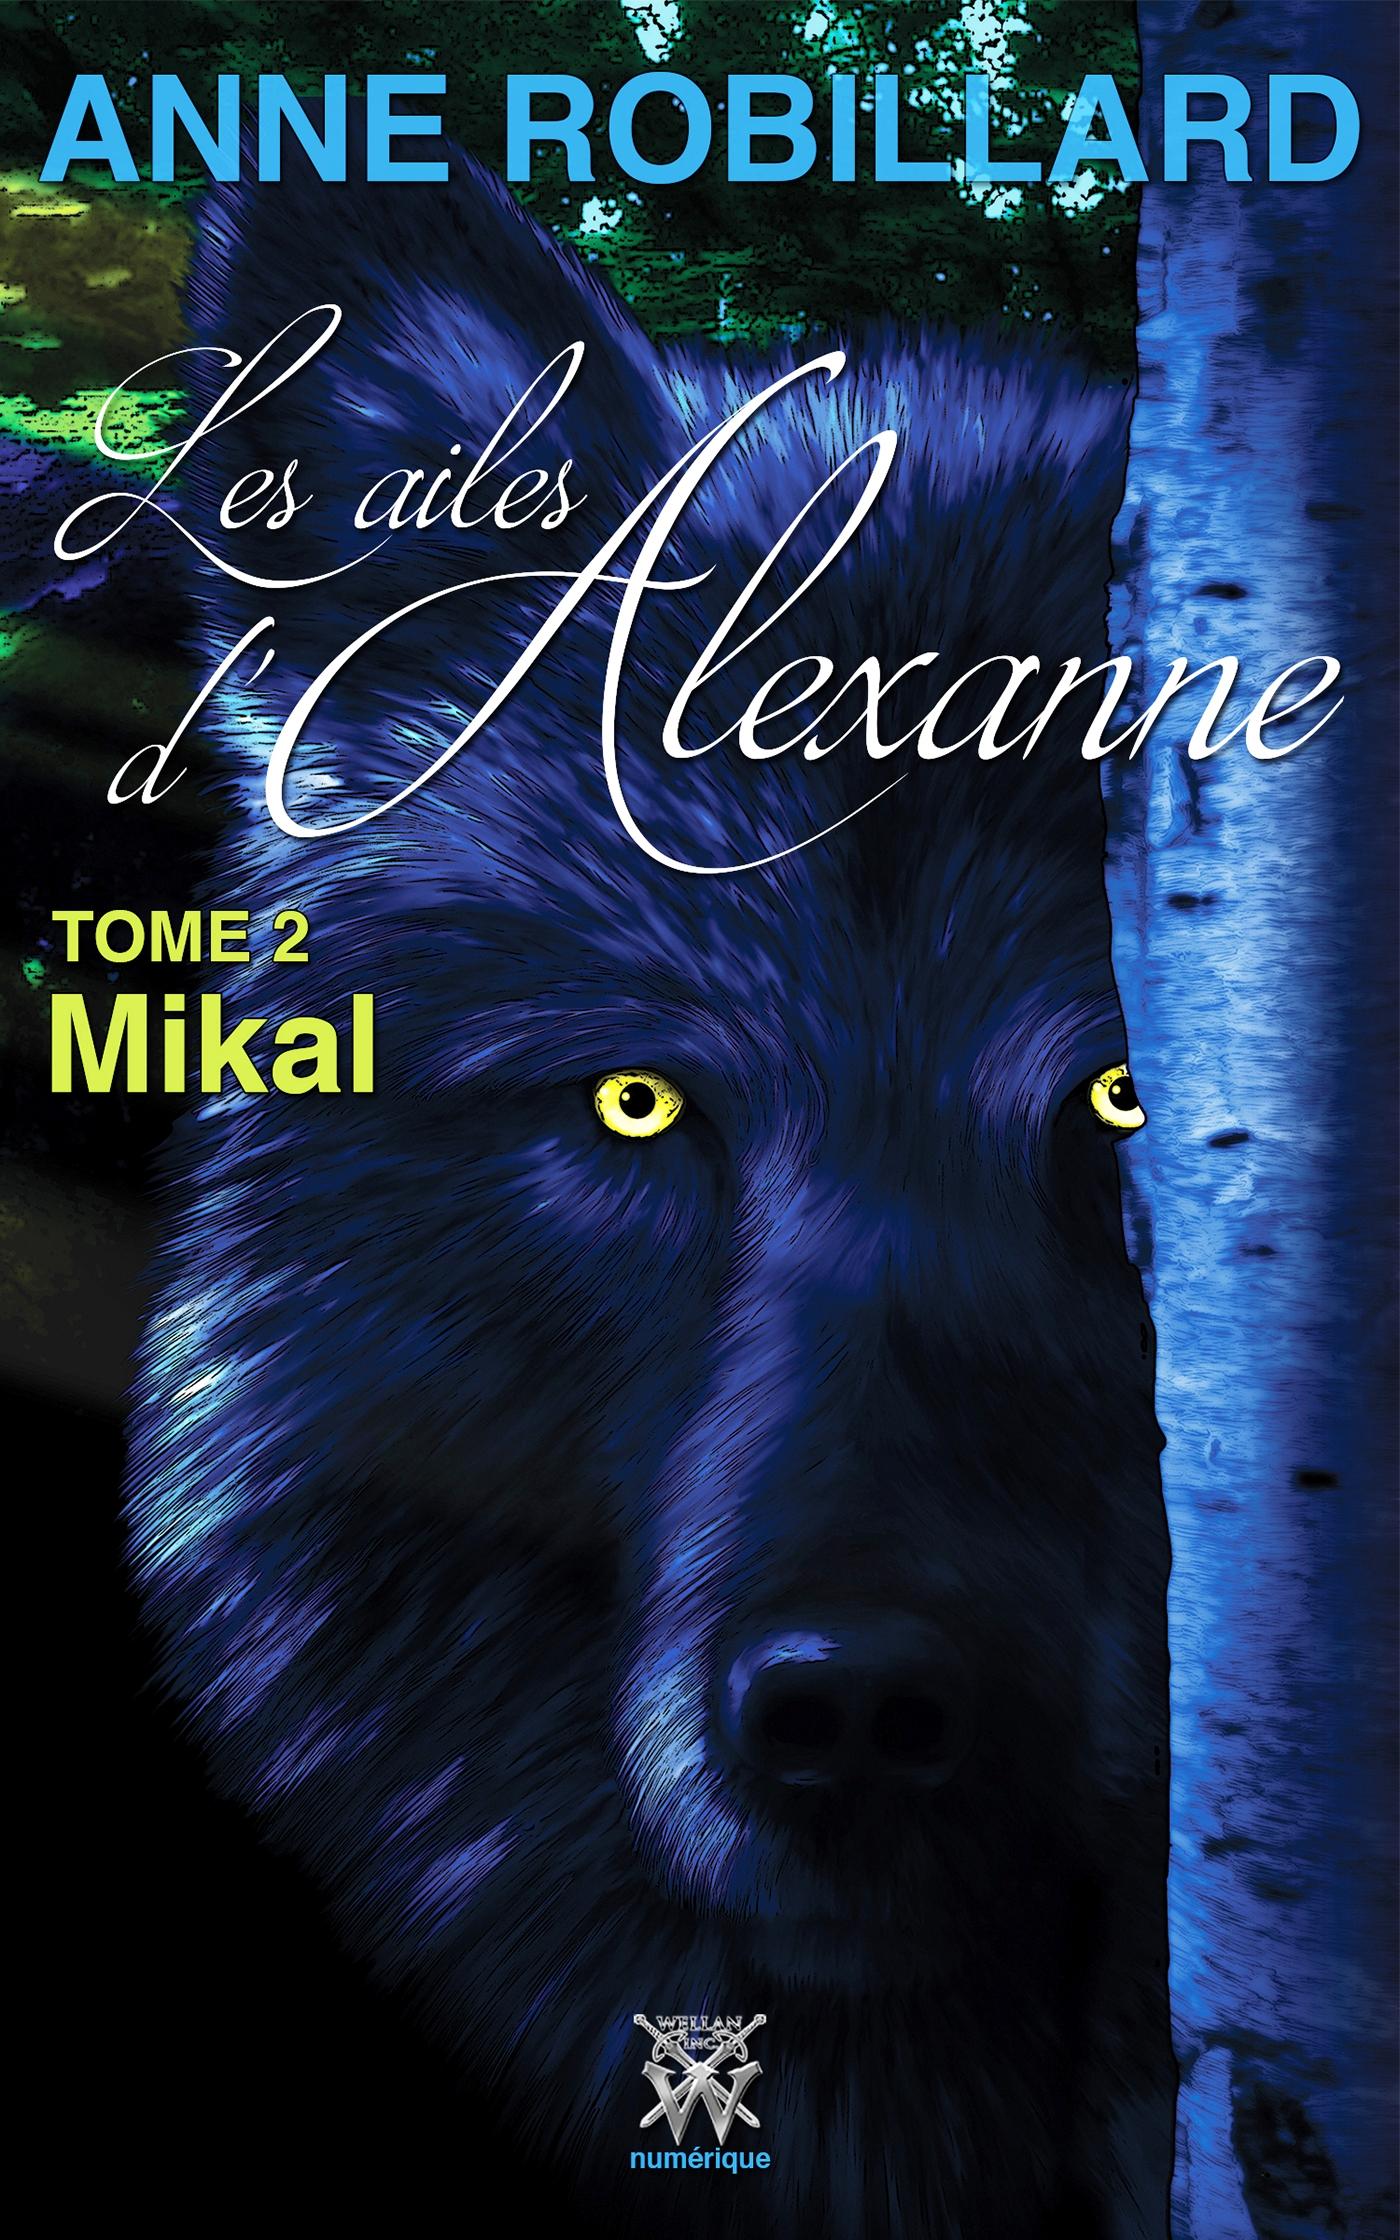 Les ailes d'Alexanne 02 : Mikal